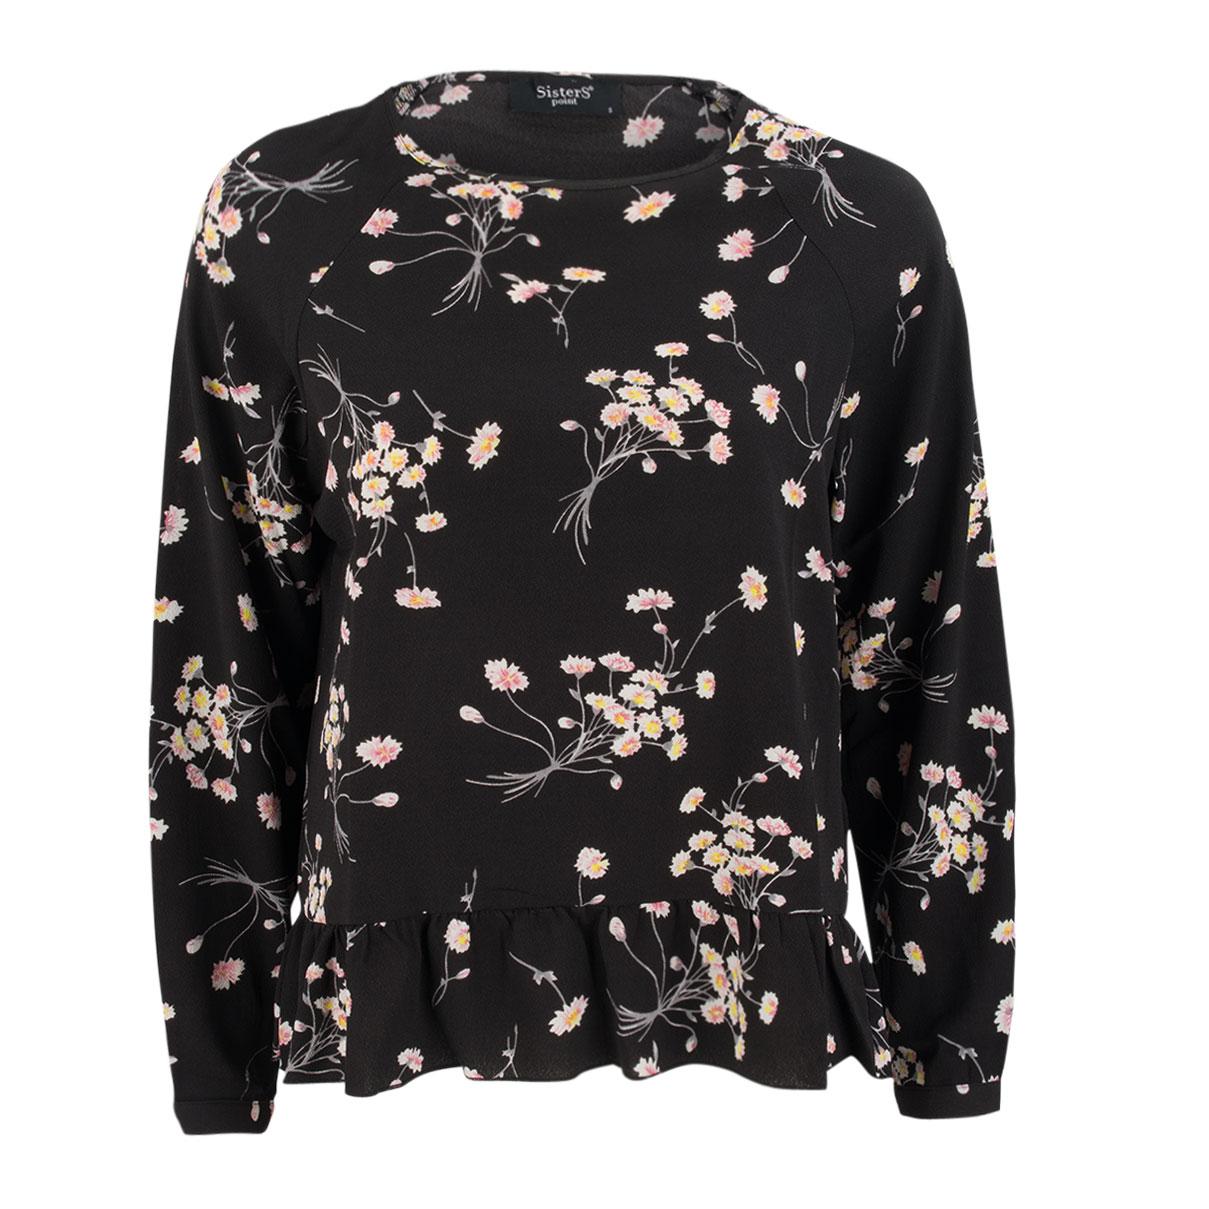 Bluse - Floralprint - Schößchen